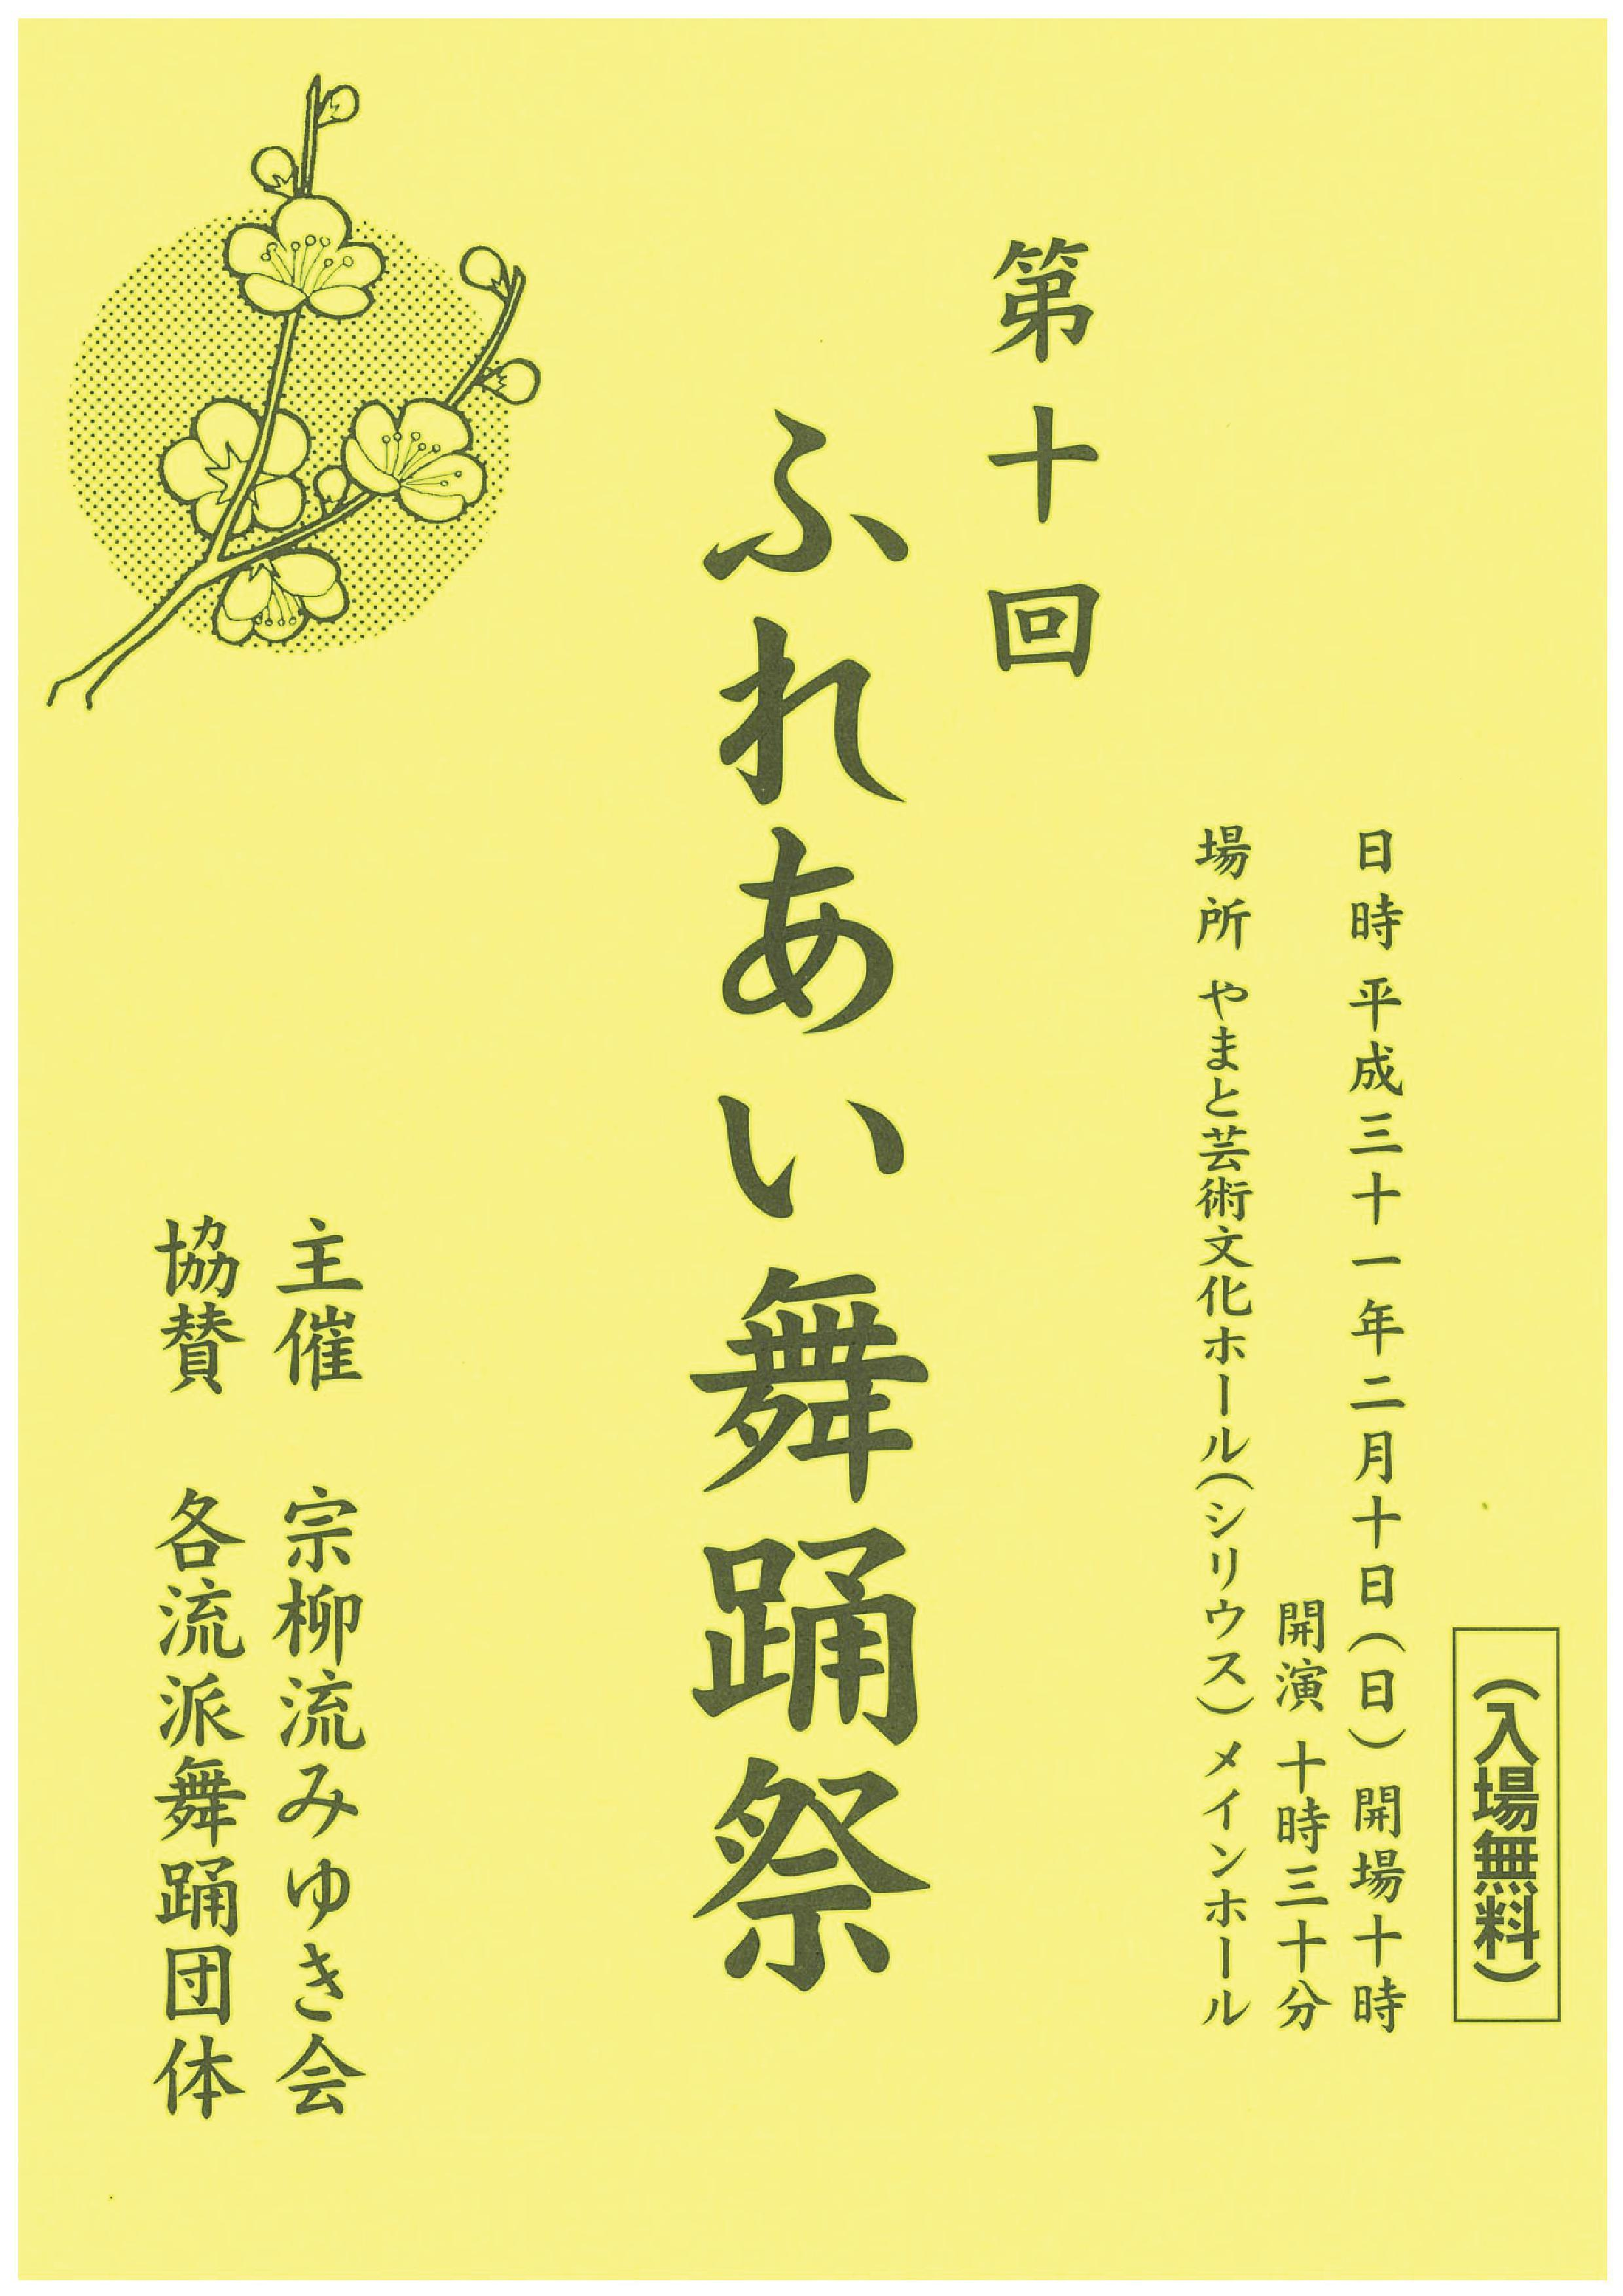 第10回 ふれあい舞踊祭